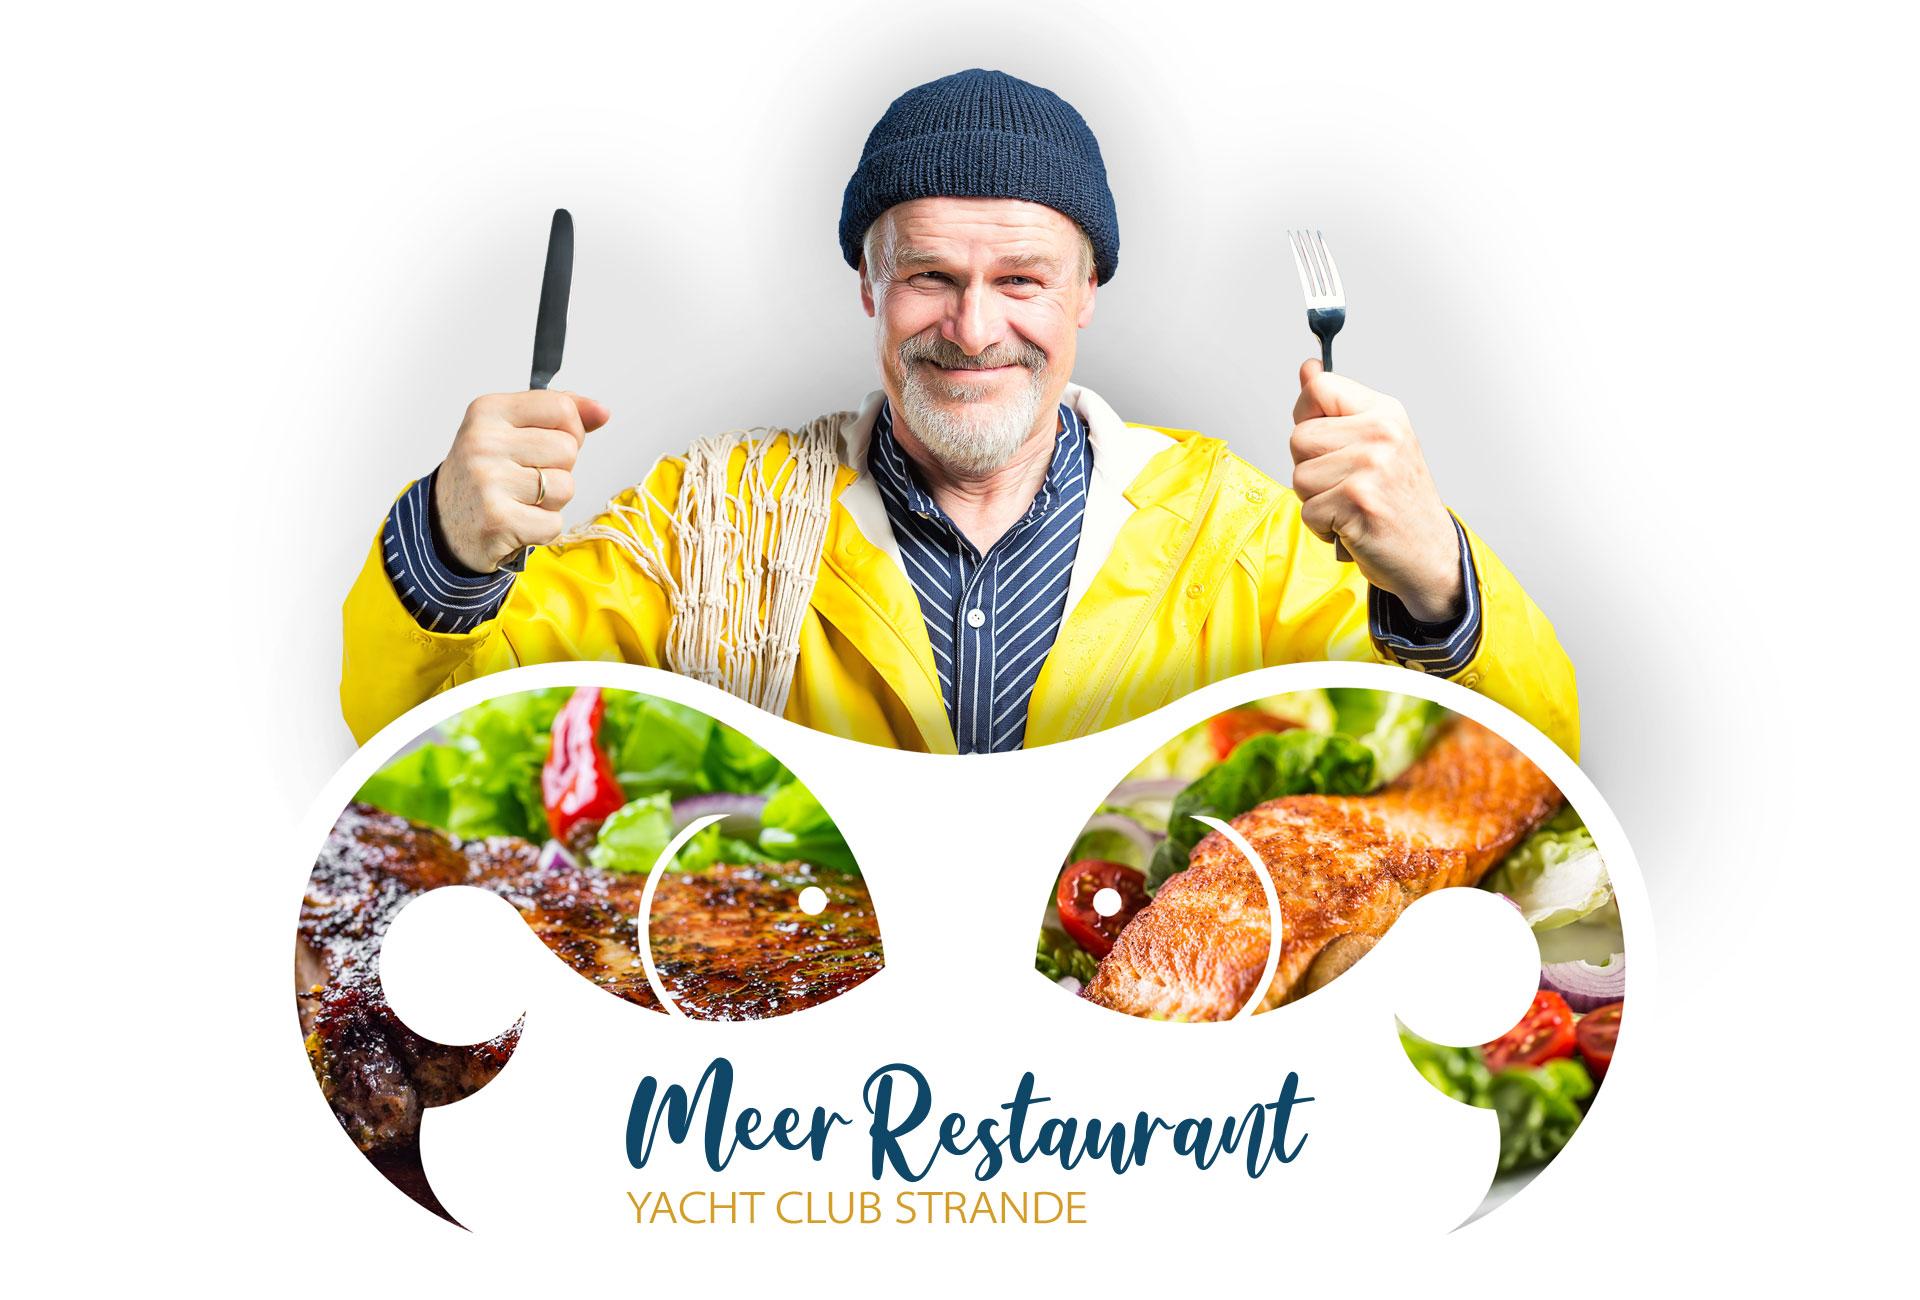 2021-08-11_MeerRestaurant_Header-Hintergrund-